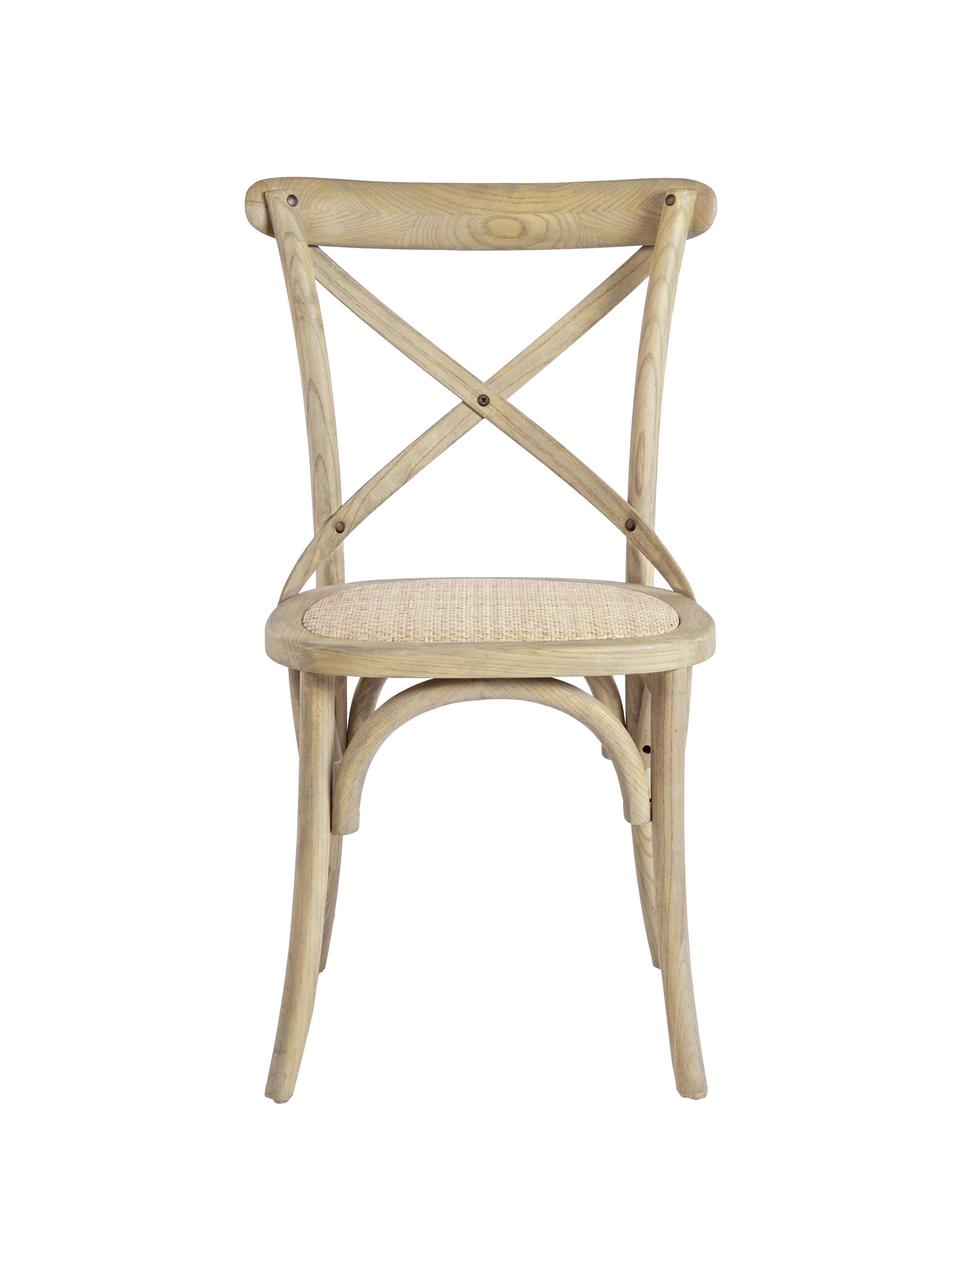 Krzesło z drewna Cross, Stelaż: drewno wiązowe, jasno lak, Brązowy, S 42 x G 46 cm